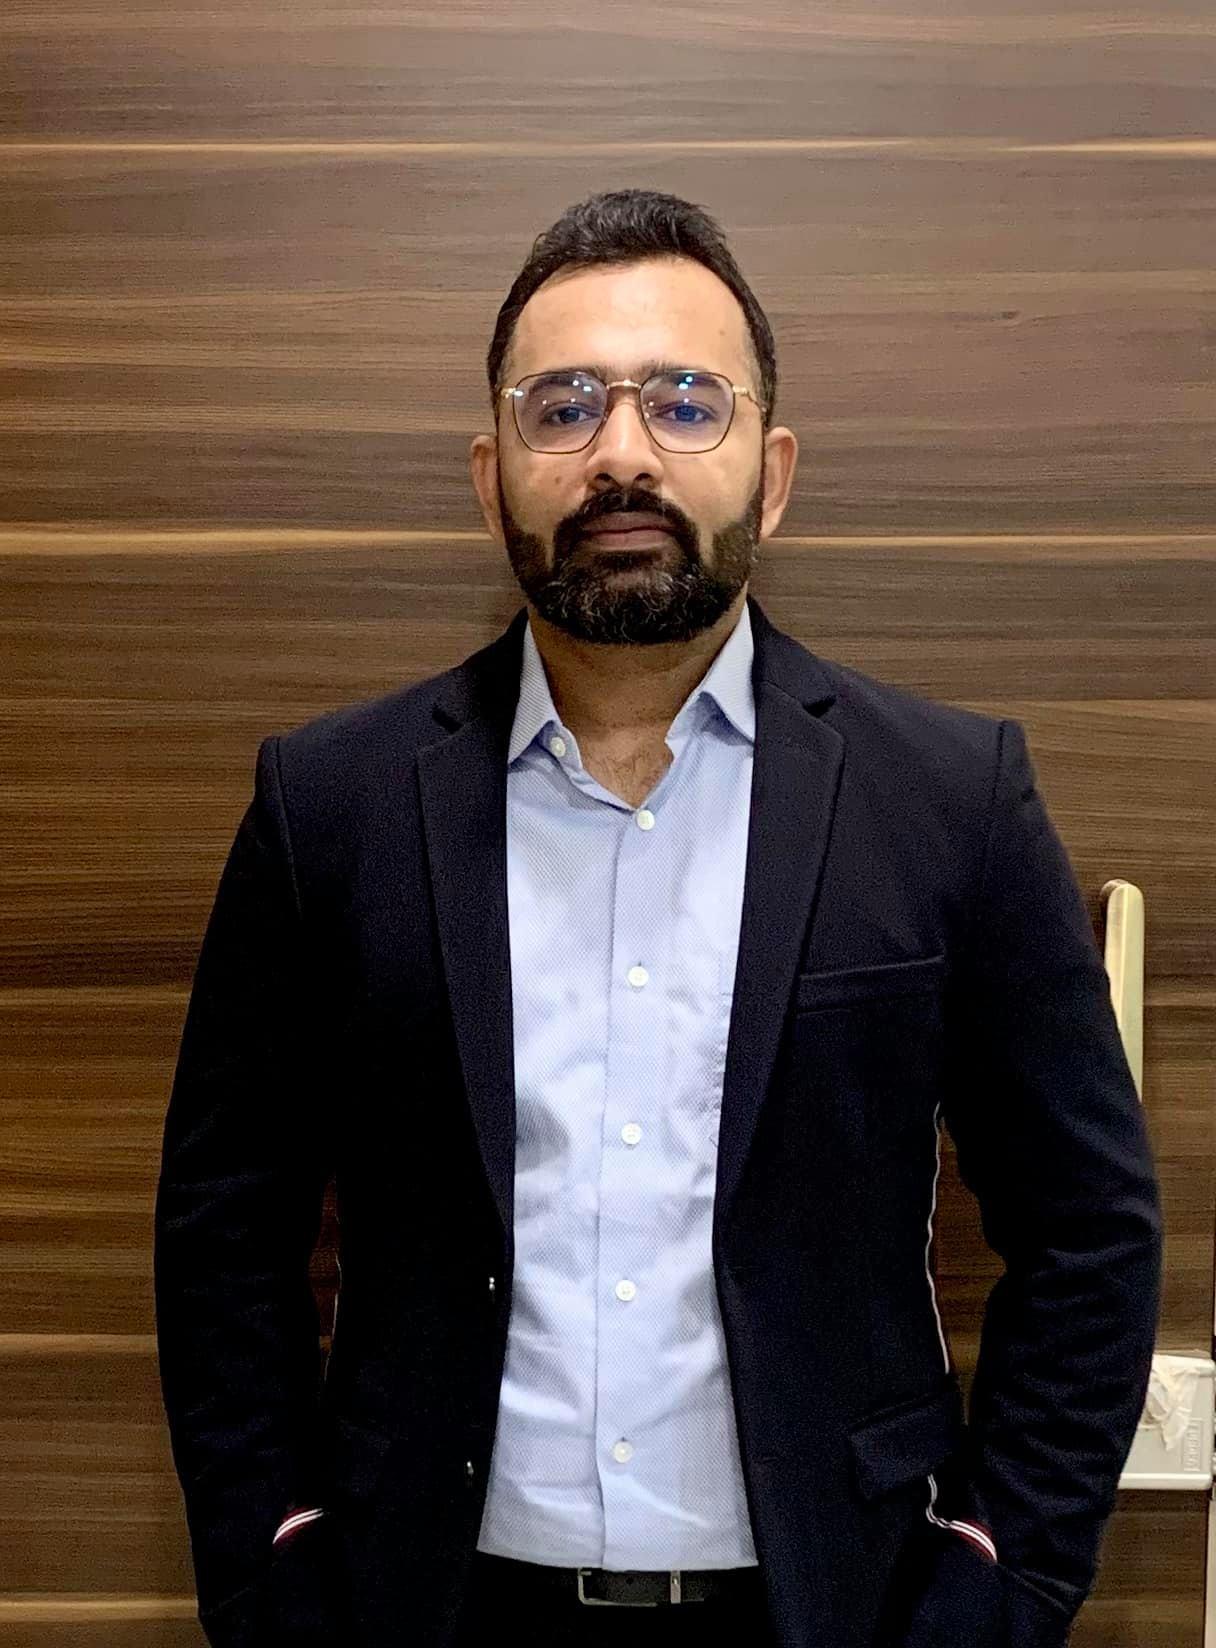 Dr. Yajuvendra Sing Rathore